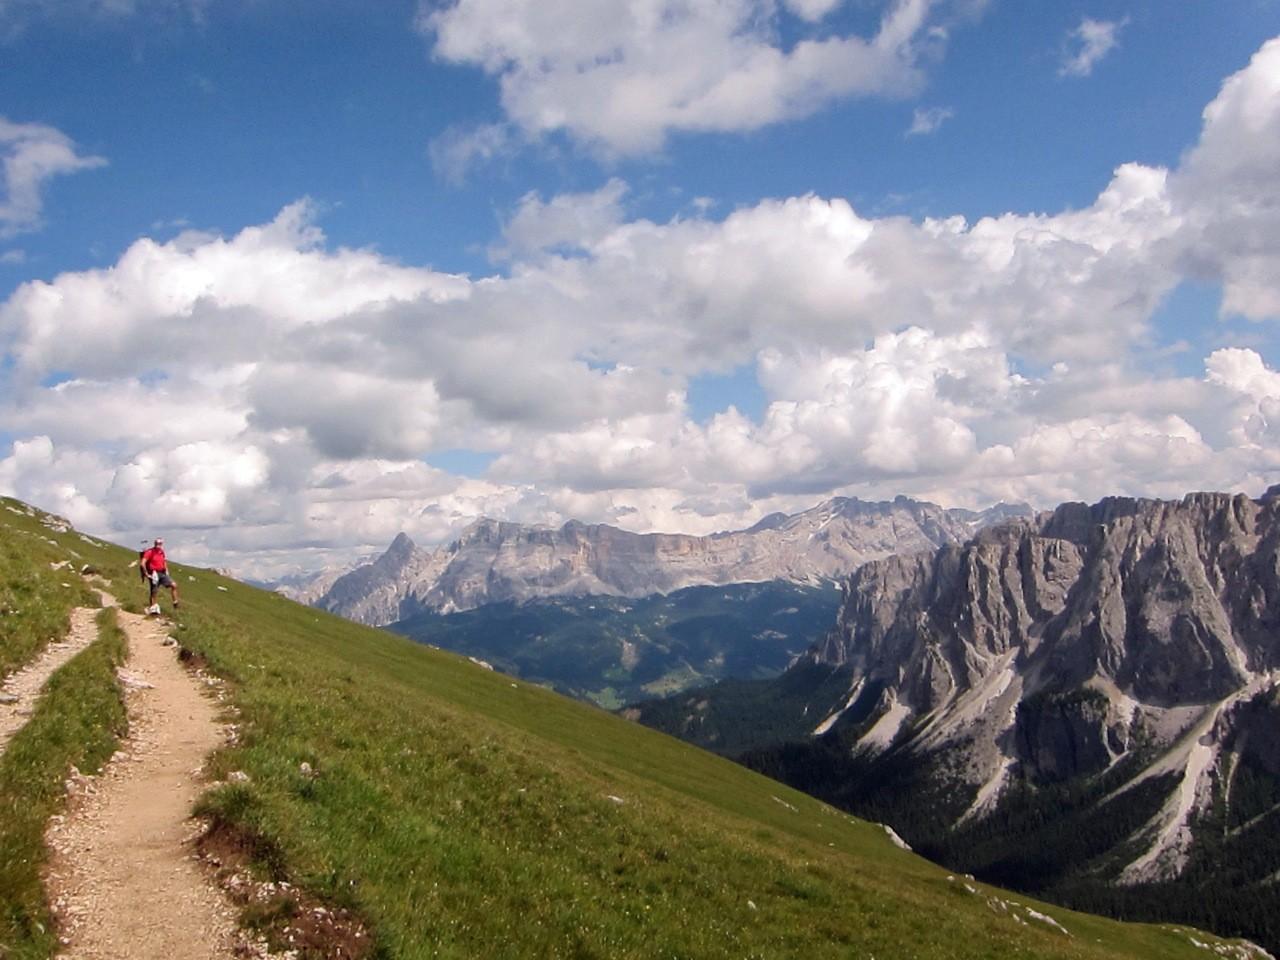 Wanderung zur Schlüterhütte über das Kreuzjoch im Villnösser Tal